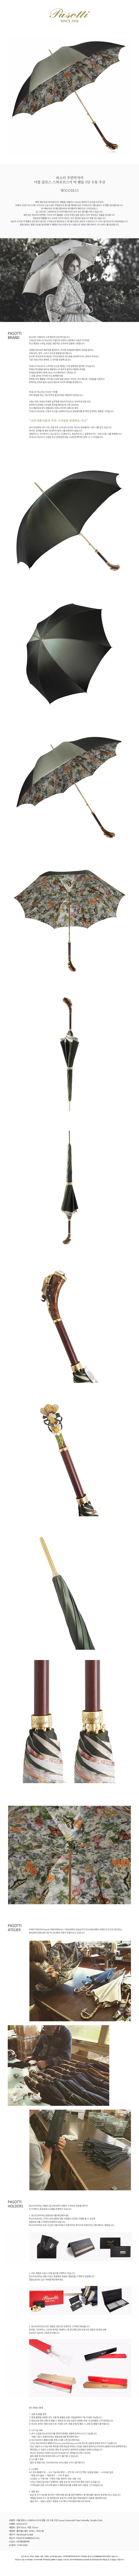 파소티(PASOTTI) 파소티 우먼럭셔리 더블 클로스 스와로브스키 비 핸들 1단 수동 우산 WX551K15